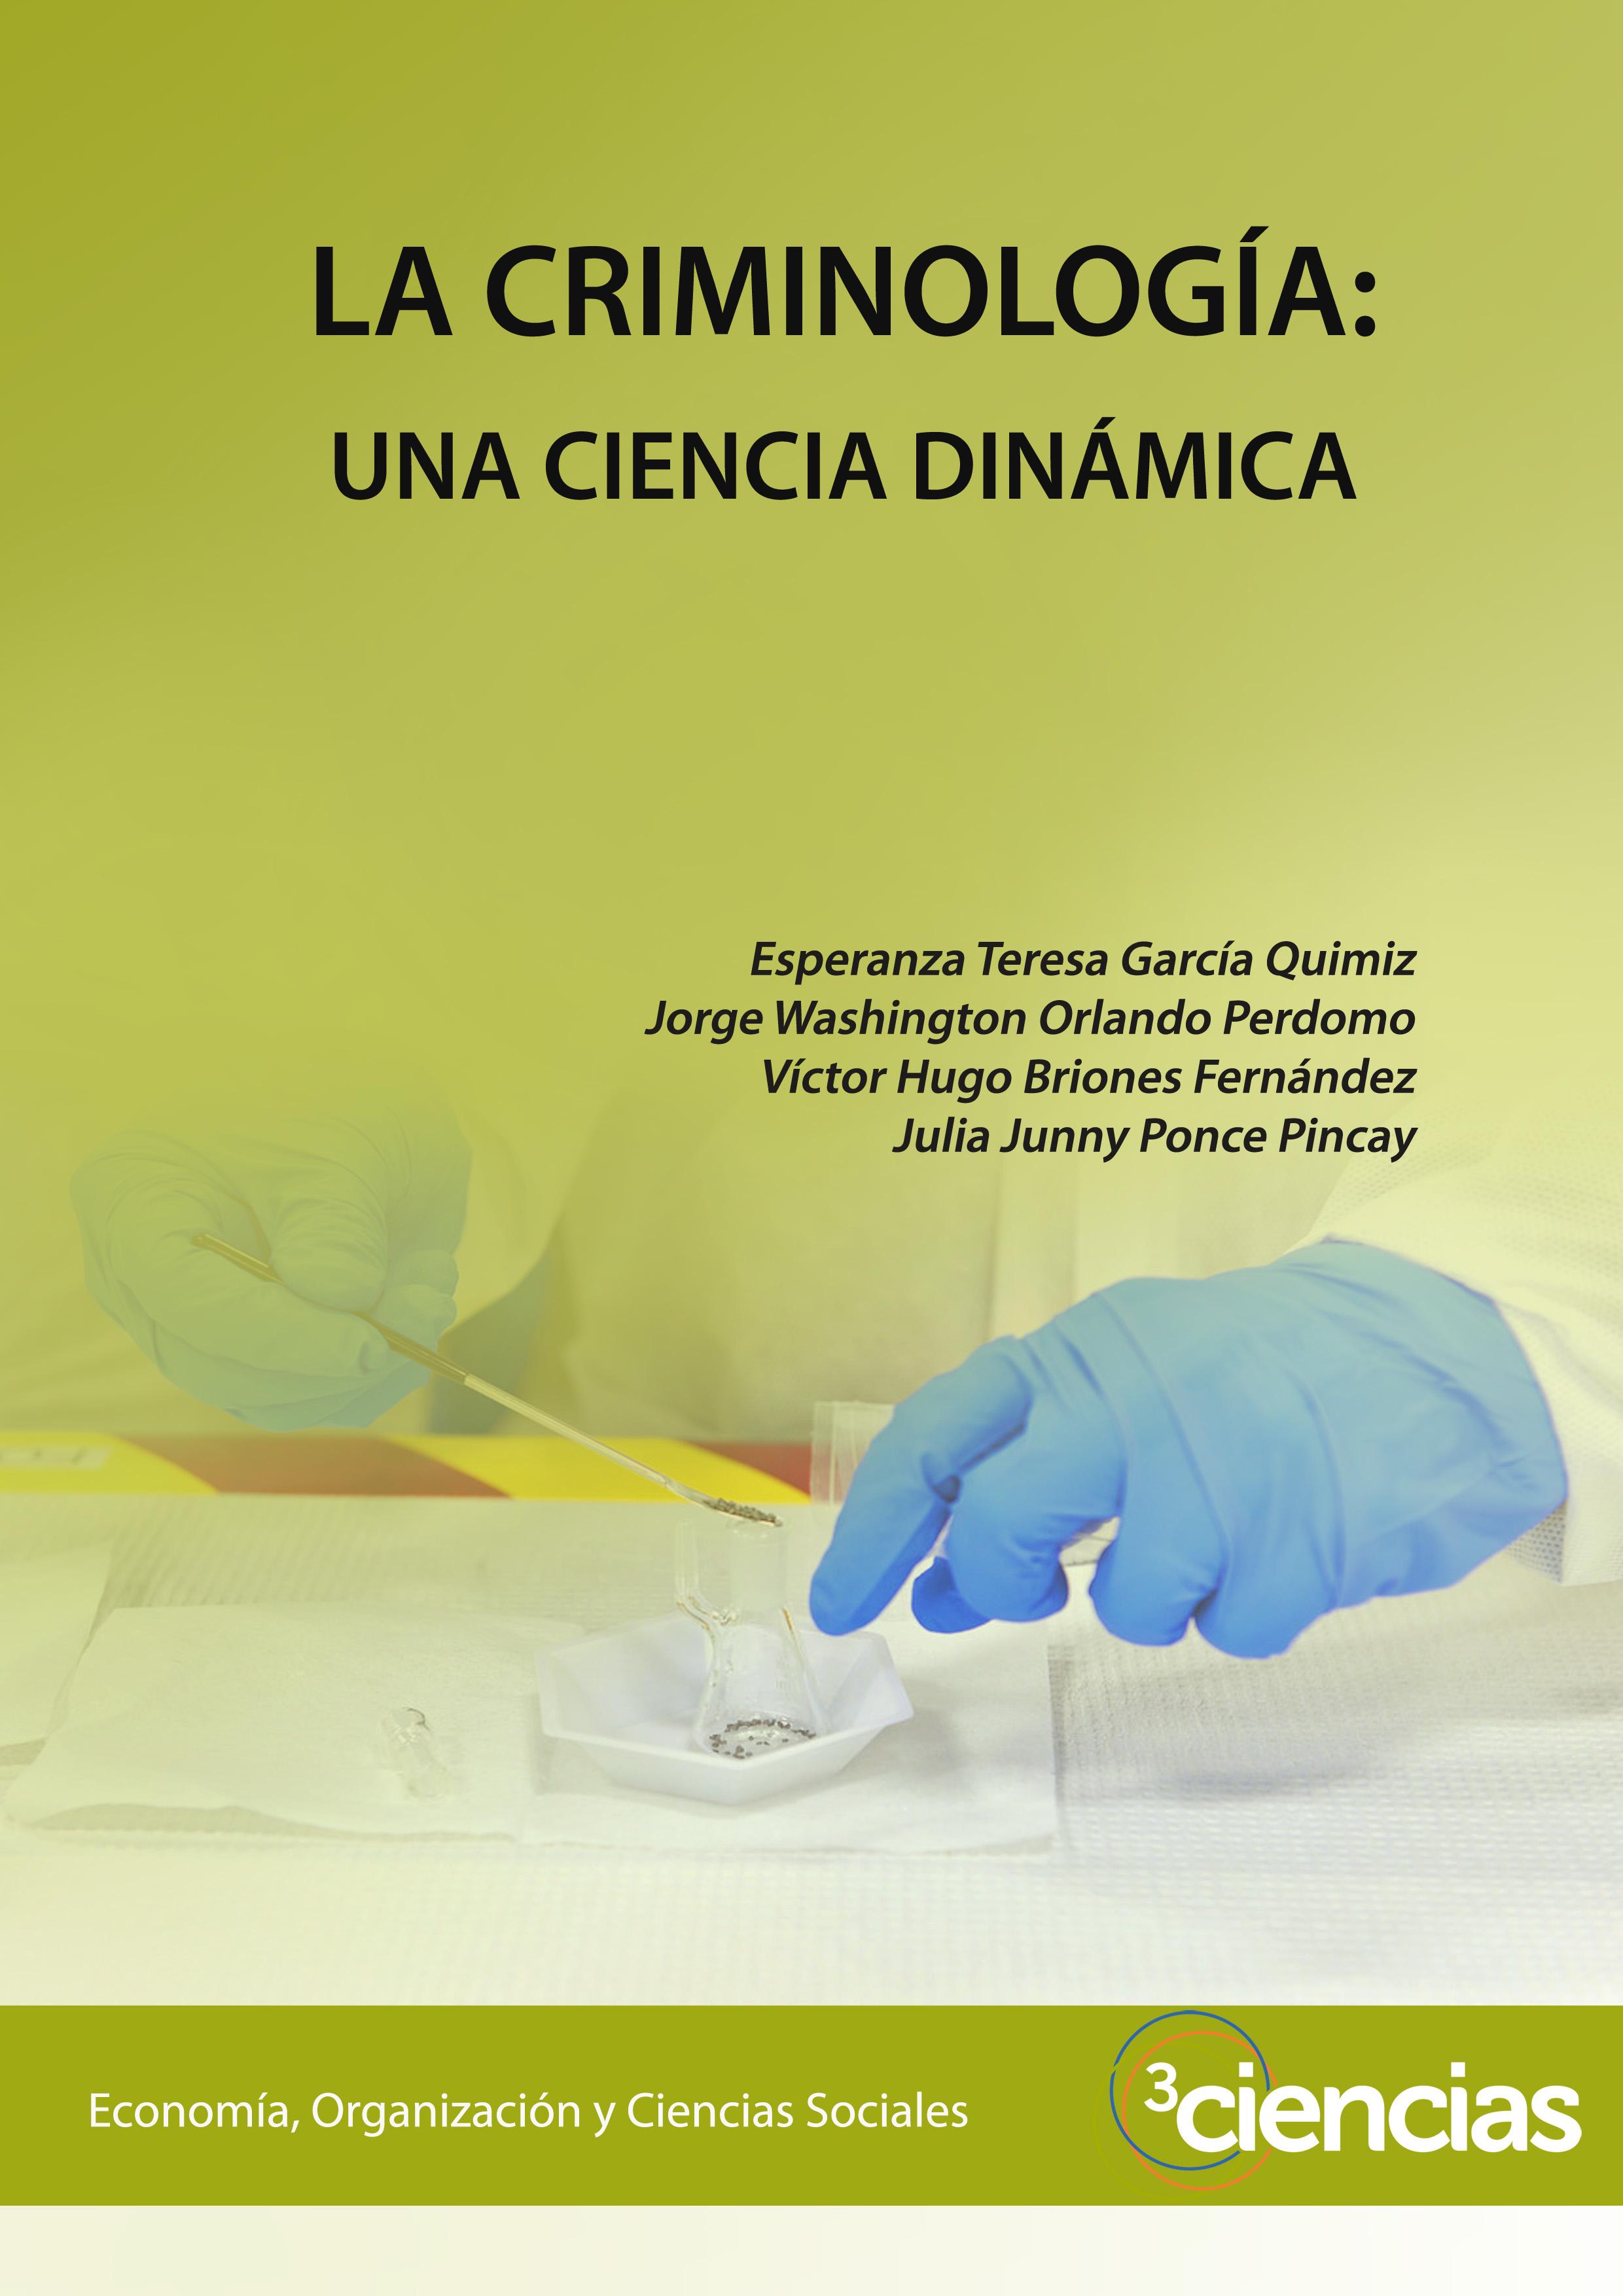 La Criminología Una Ciencia Dinámica 3ciencias